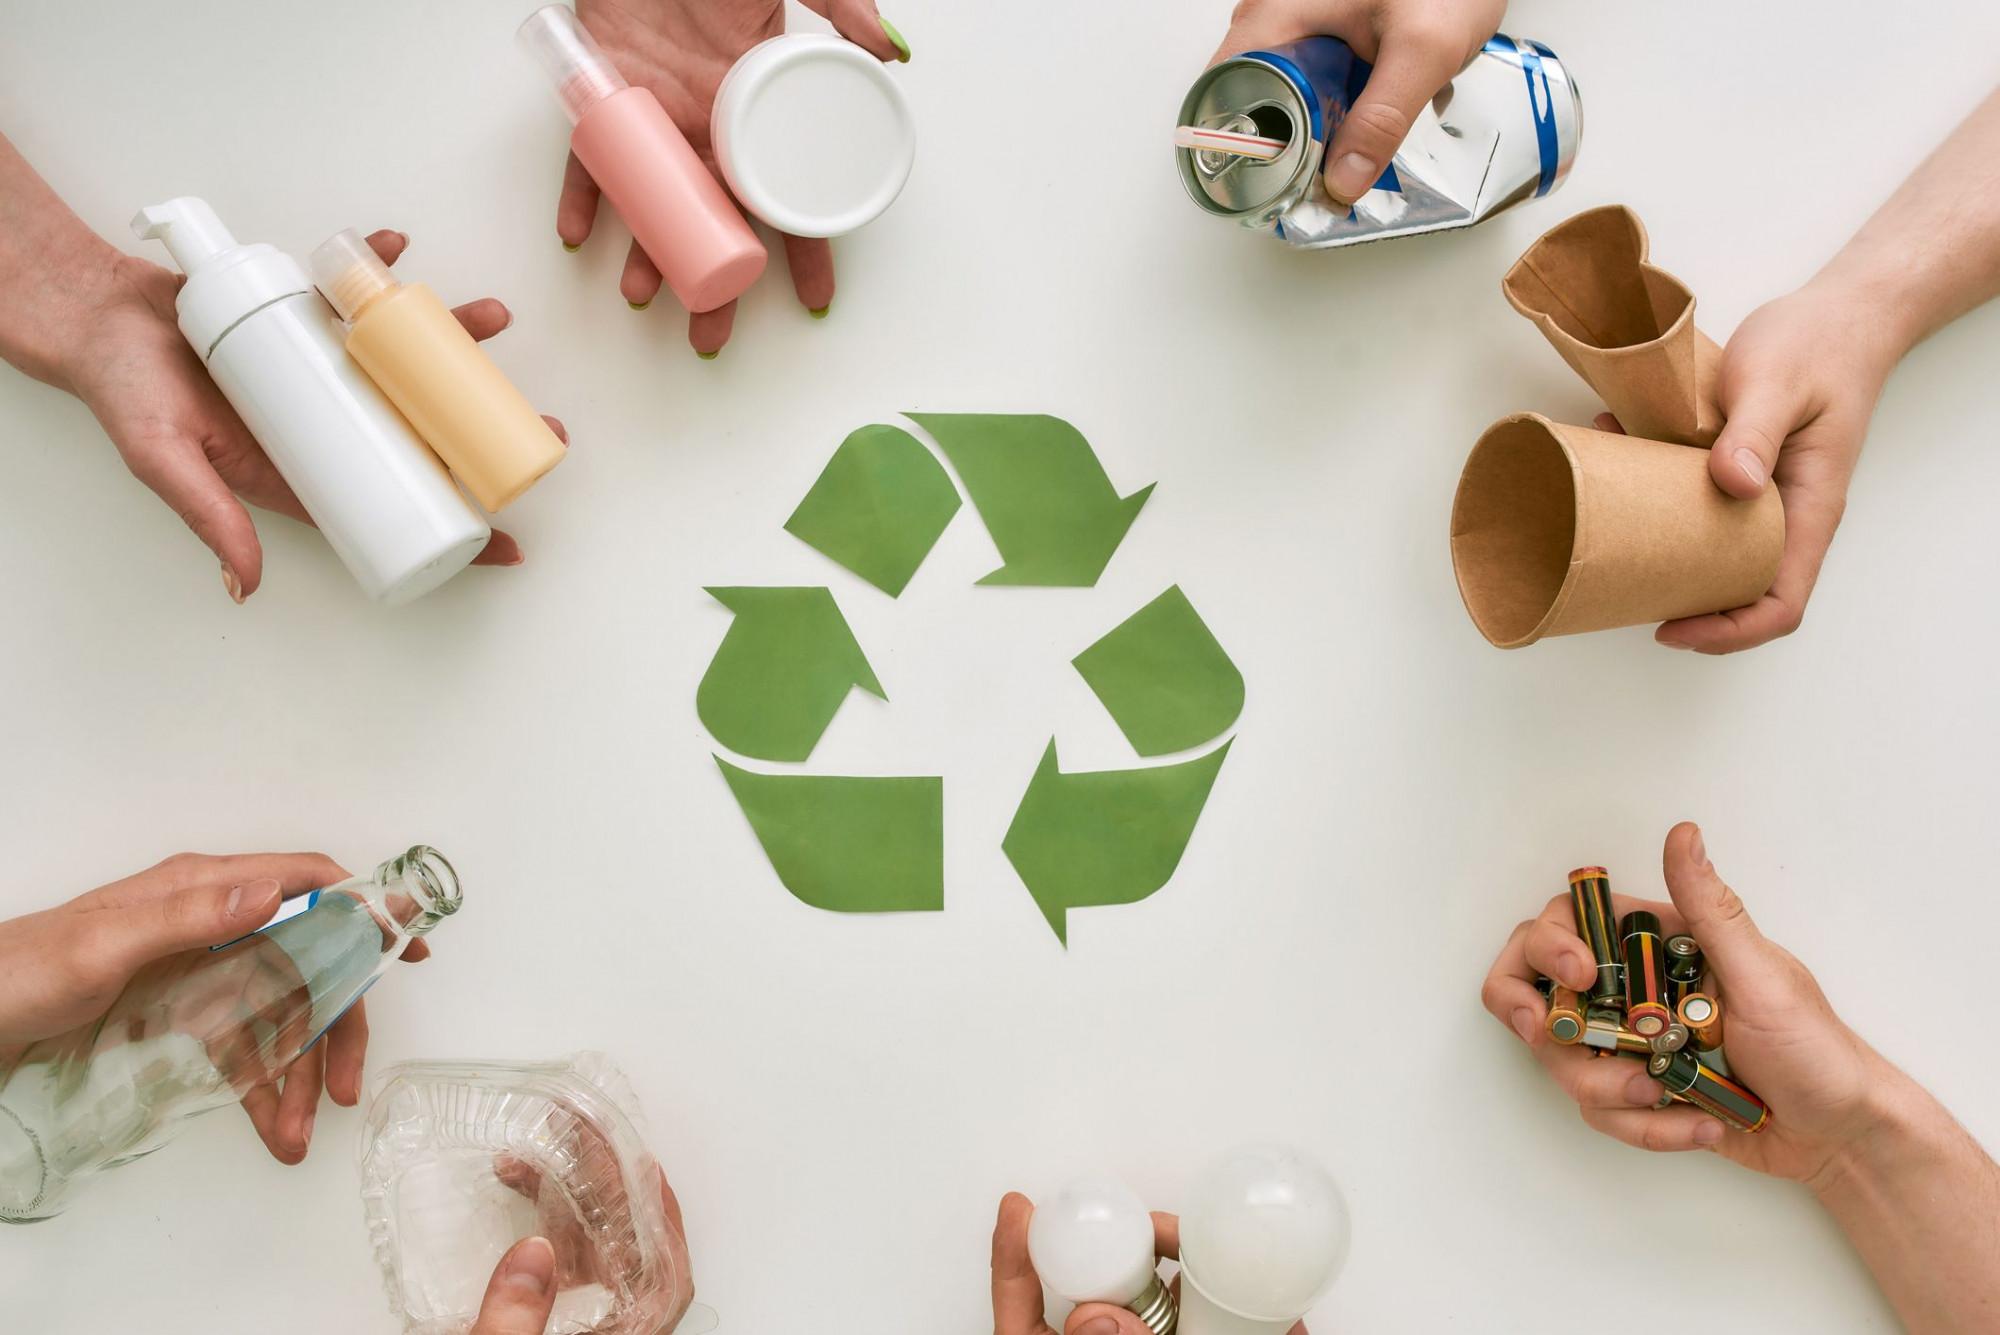 Consumo responsável - a favor da sustentabilidade